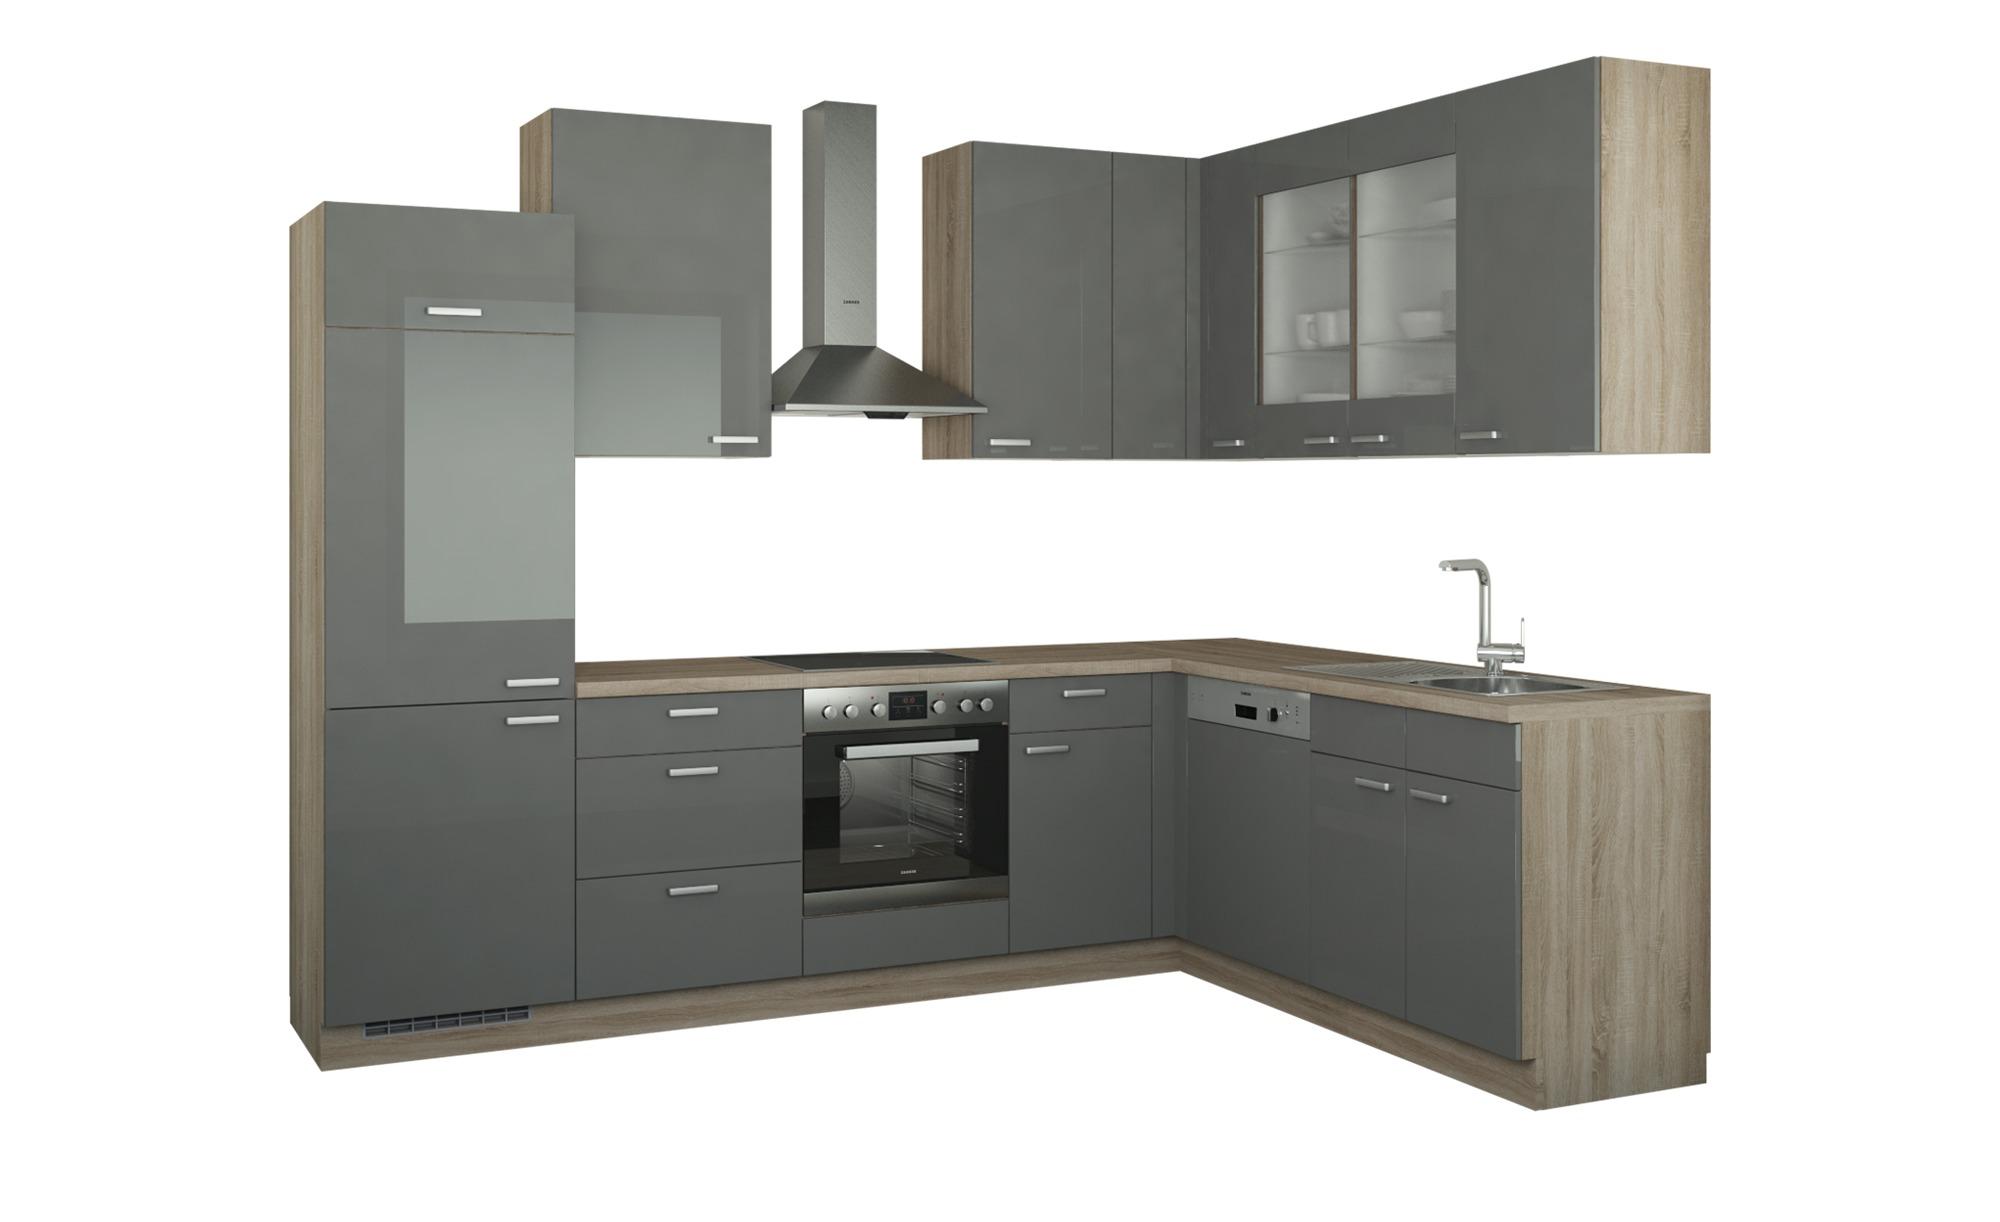 Winkelküche ohne Elektrogeräte  München Küchen > Küchenblöcke - Höffner